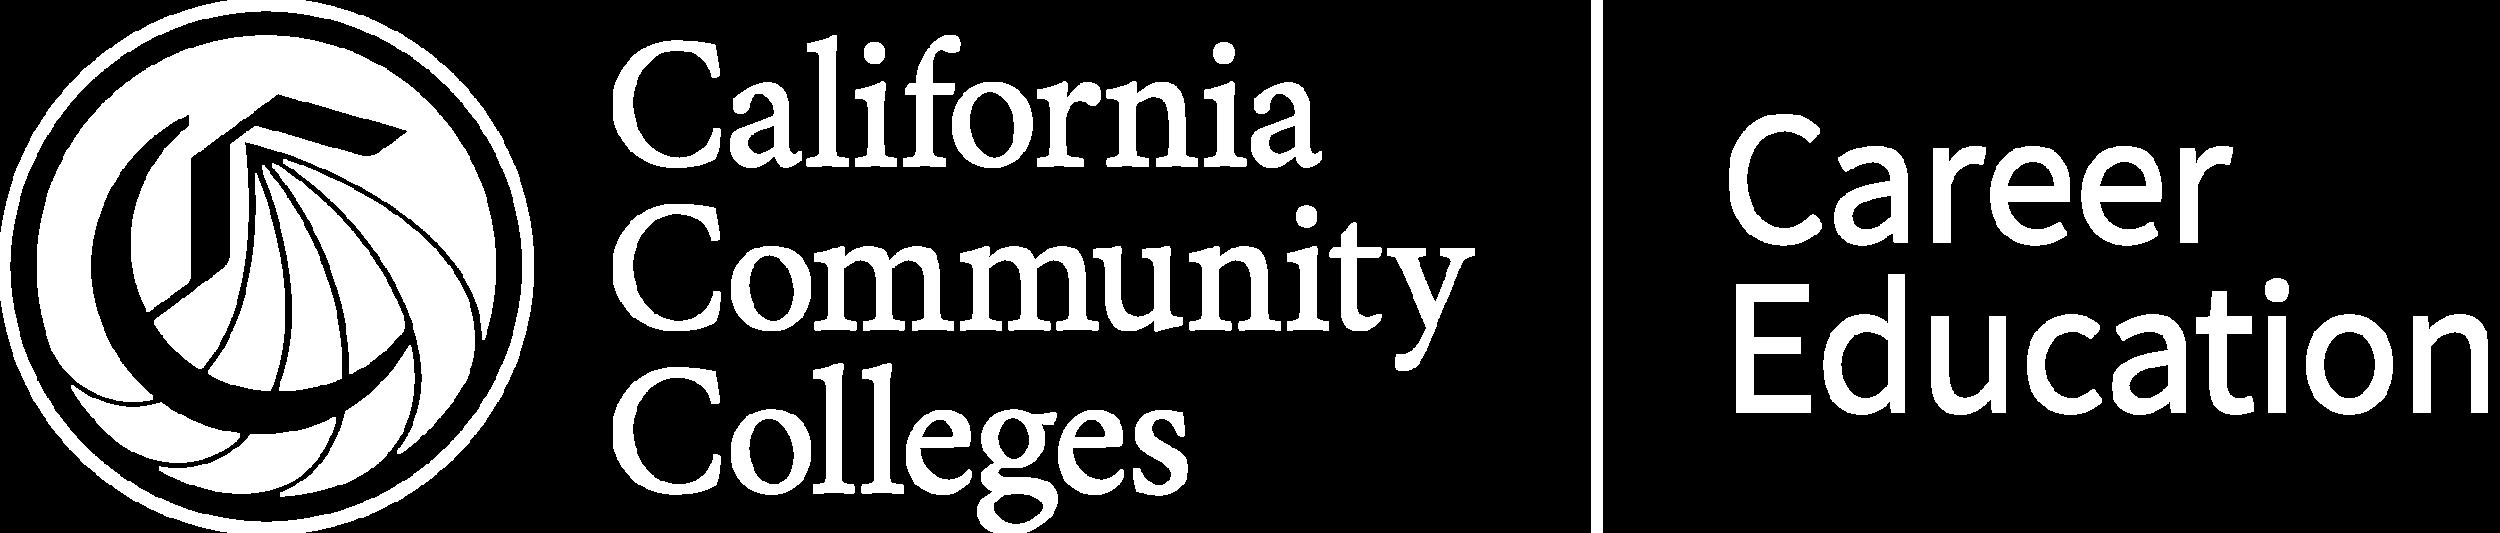 California Community Colleges Career Education logo